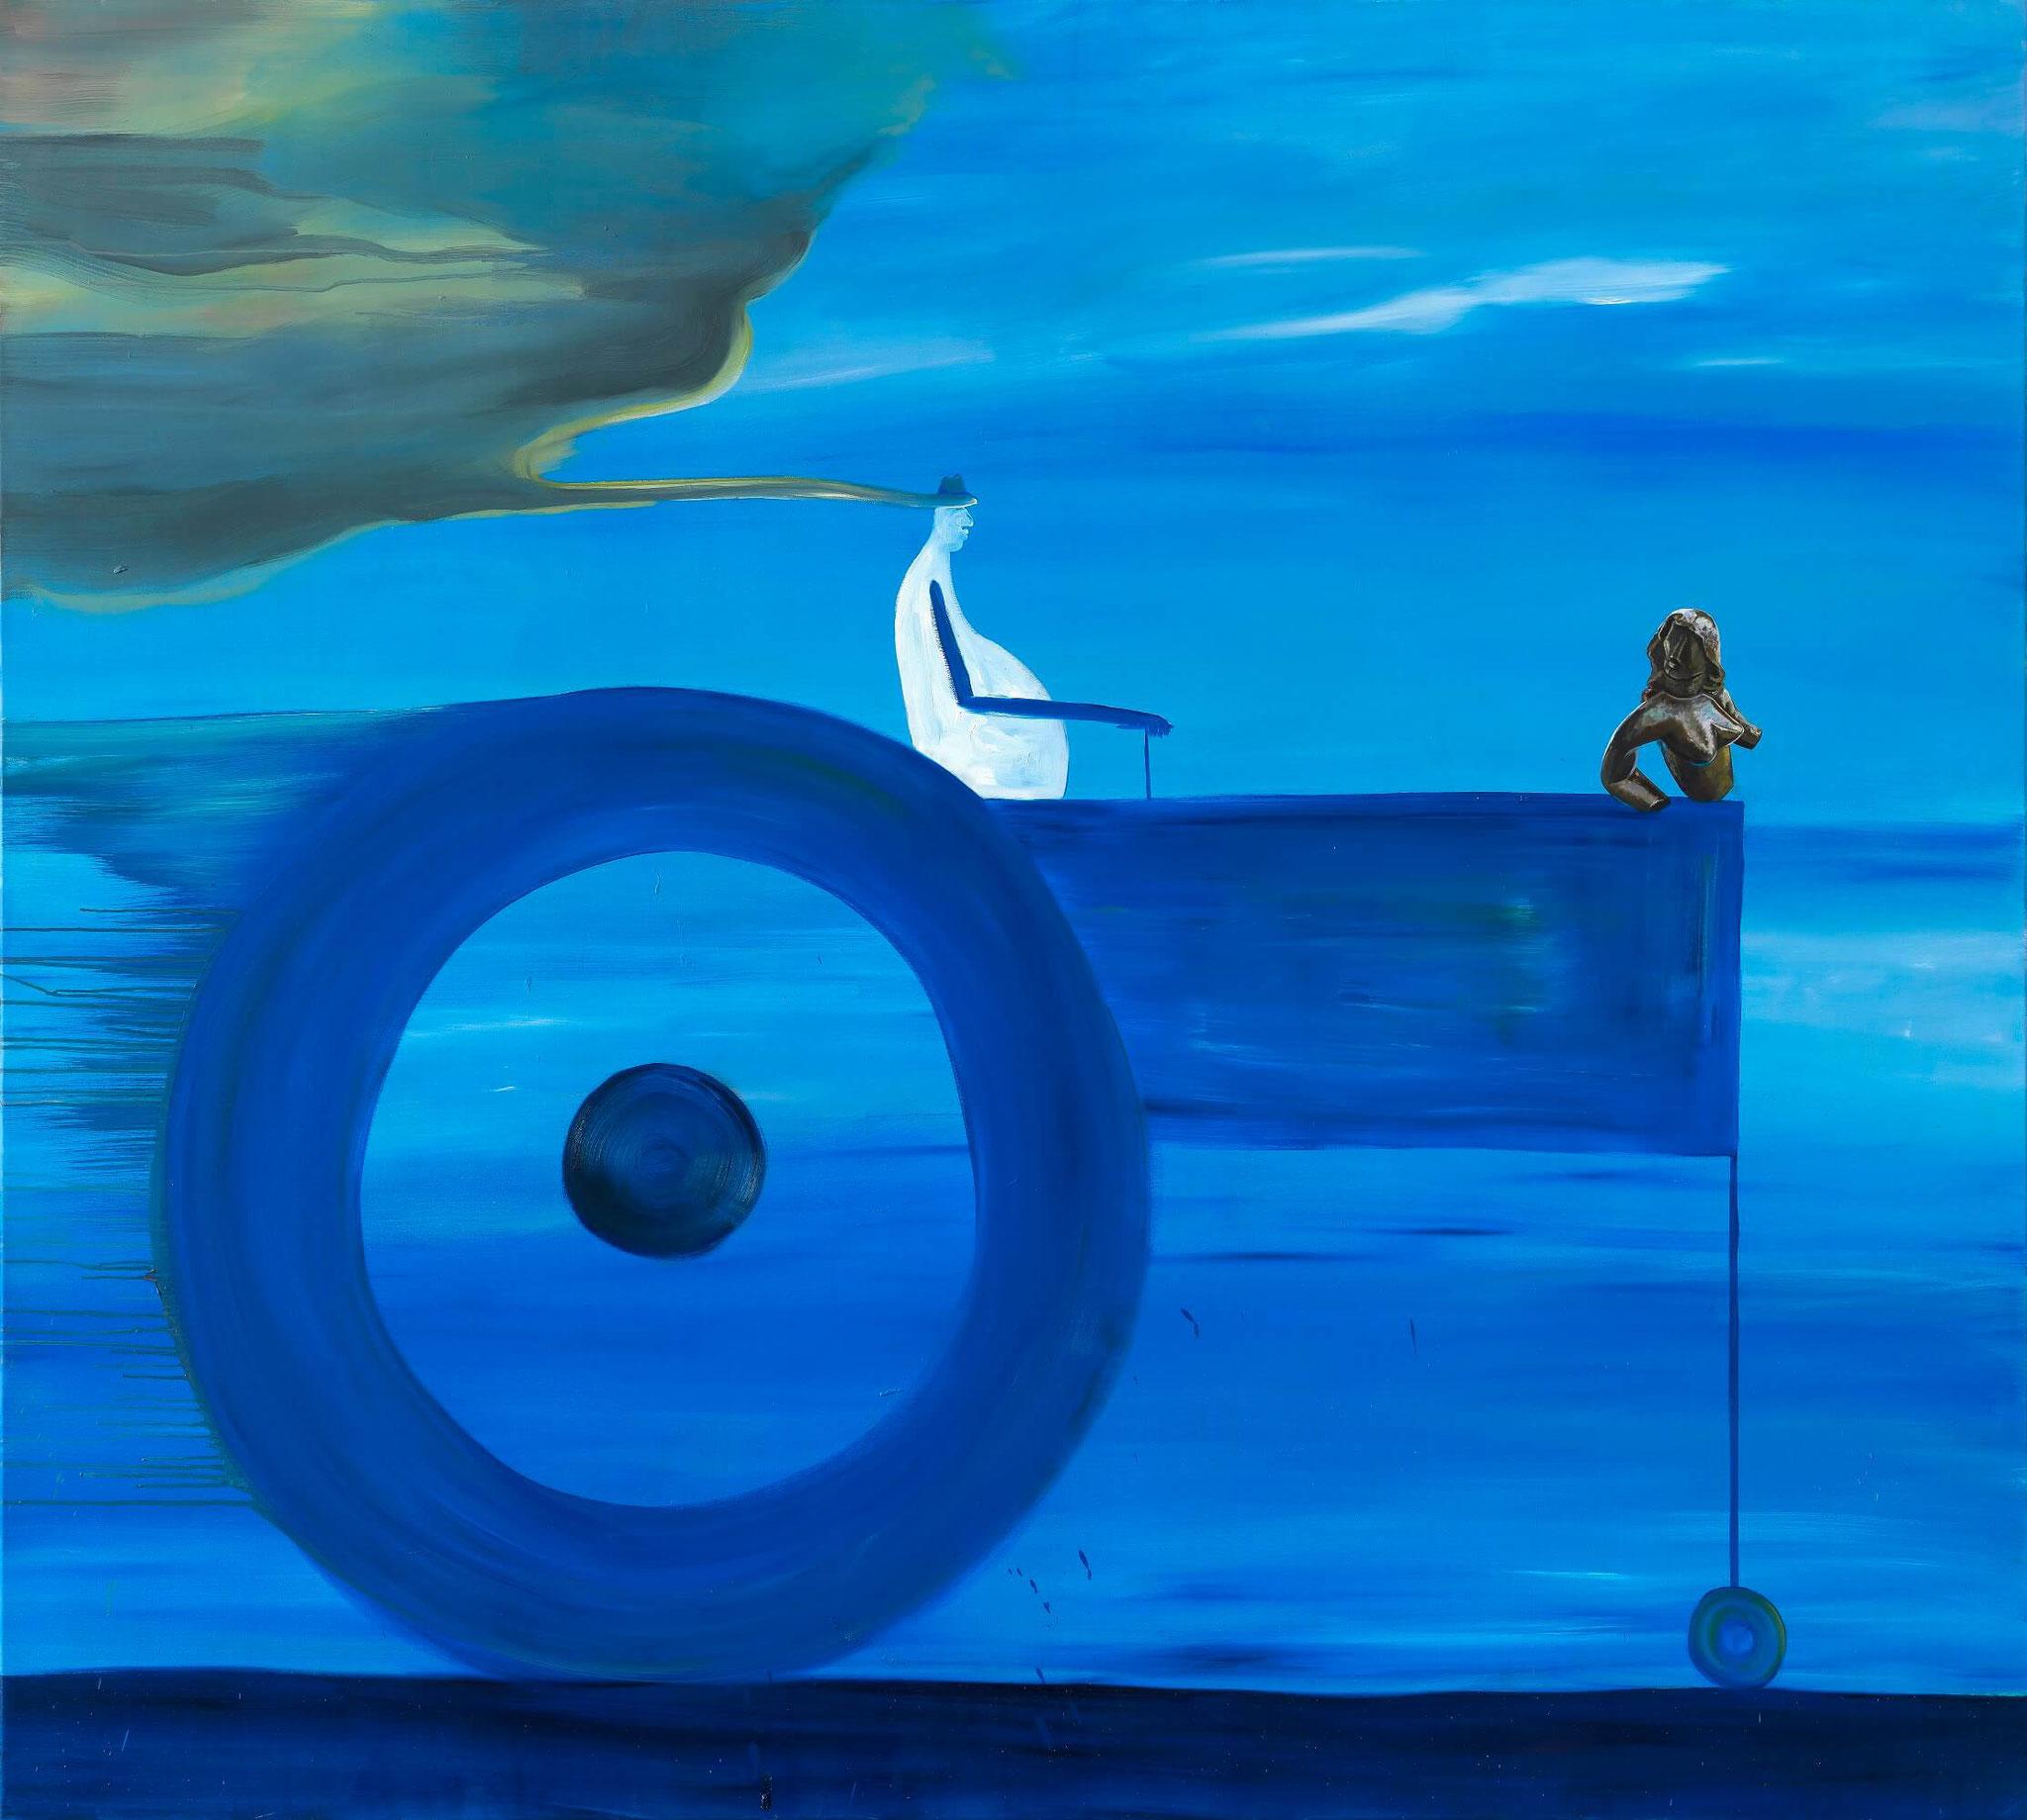 Böhme / Maderthaner / Kodritsch, Blaue Luft, Mischtechnik auf Leinwand, 180 x 200 cm, 2016